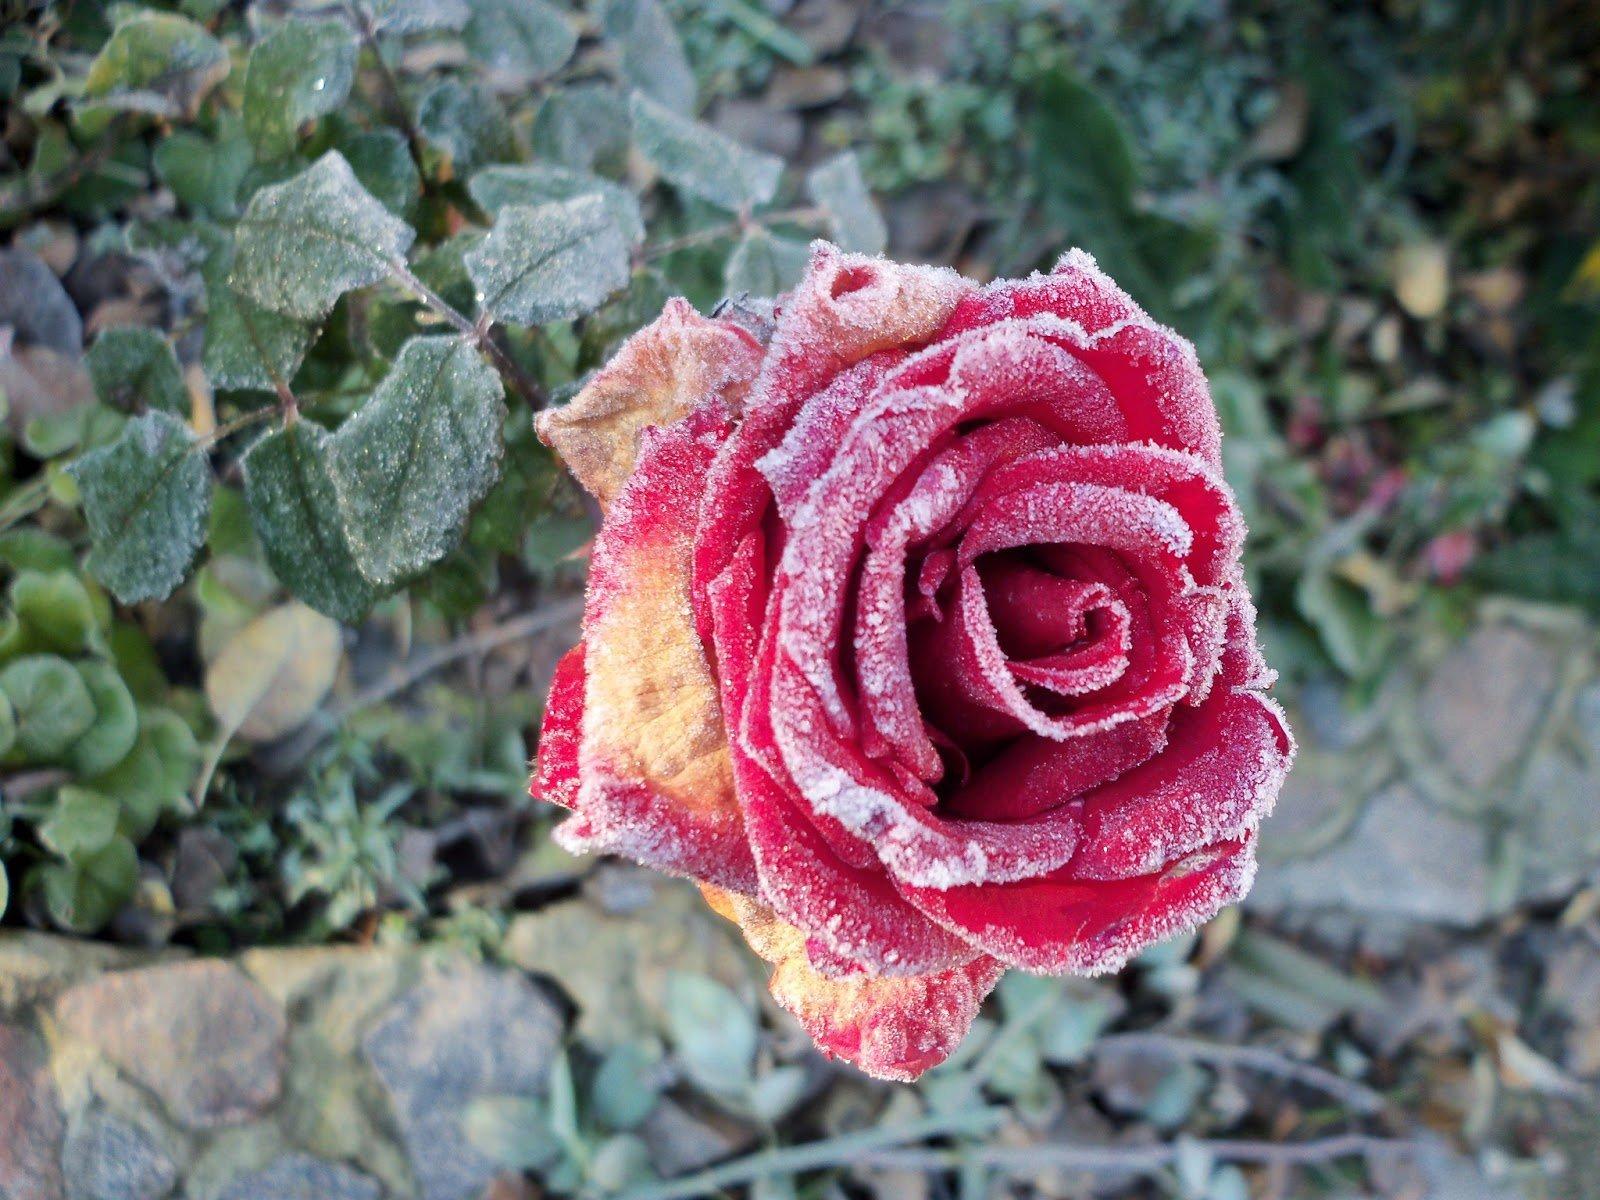 Отчего на листьях розы появляются чёрные пятна и как это лечить